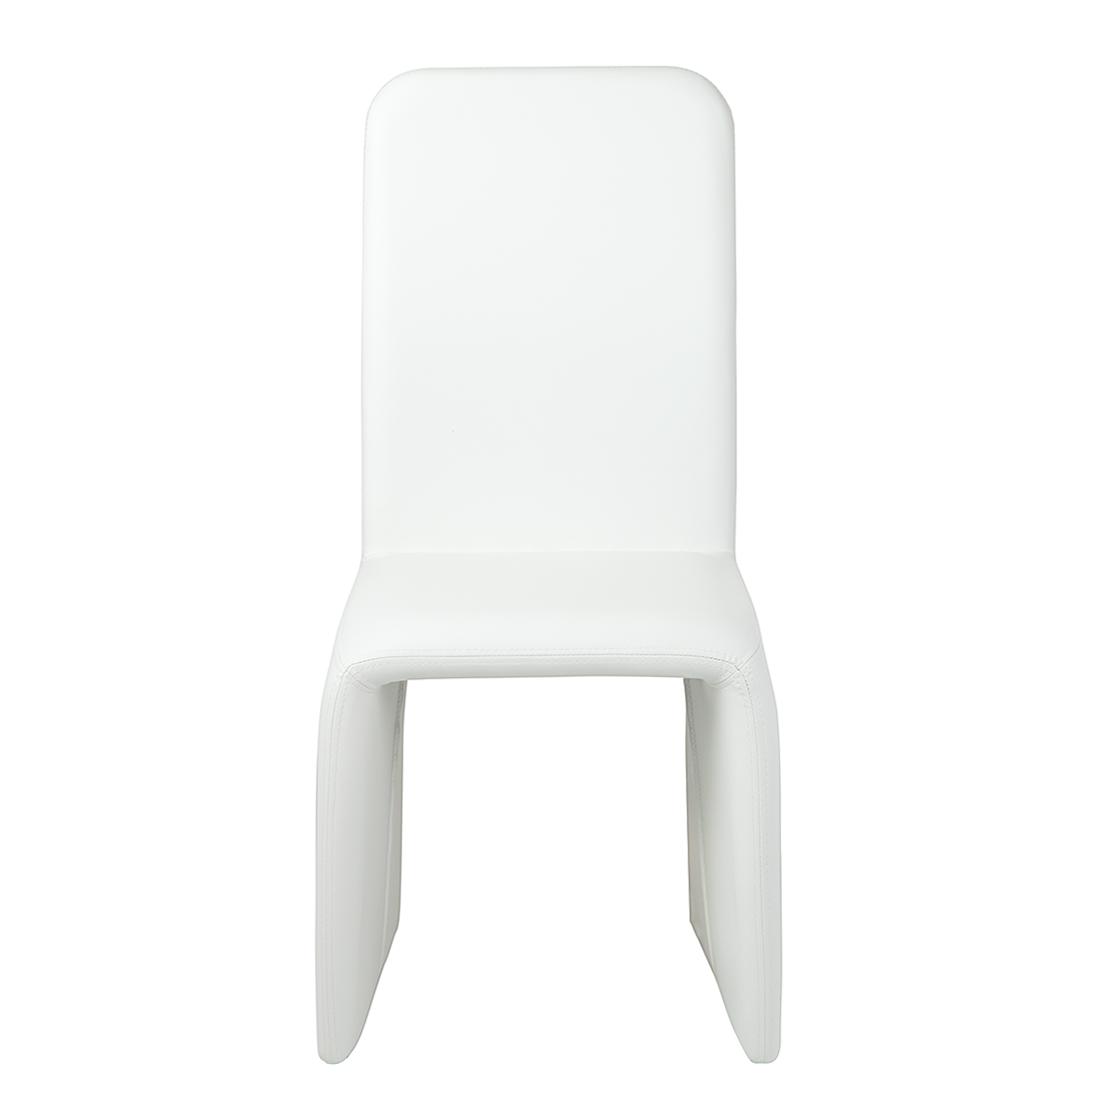 2er set esszimmerstuhl wei essgruppe stuhlset stuhl. Black Bedroom Furniture Sets. Home Design Ideas